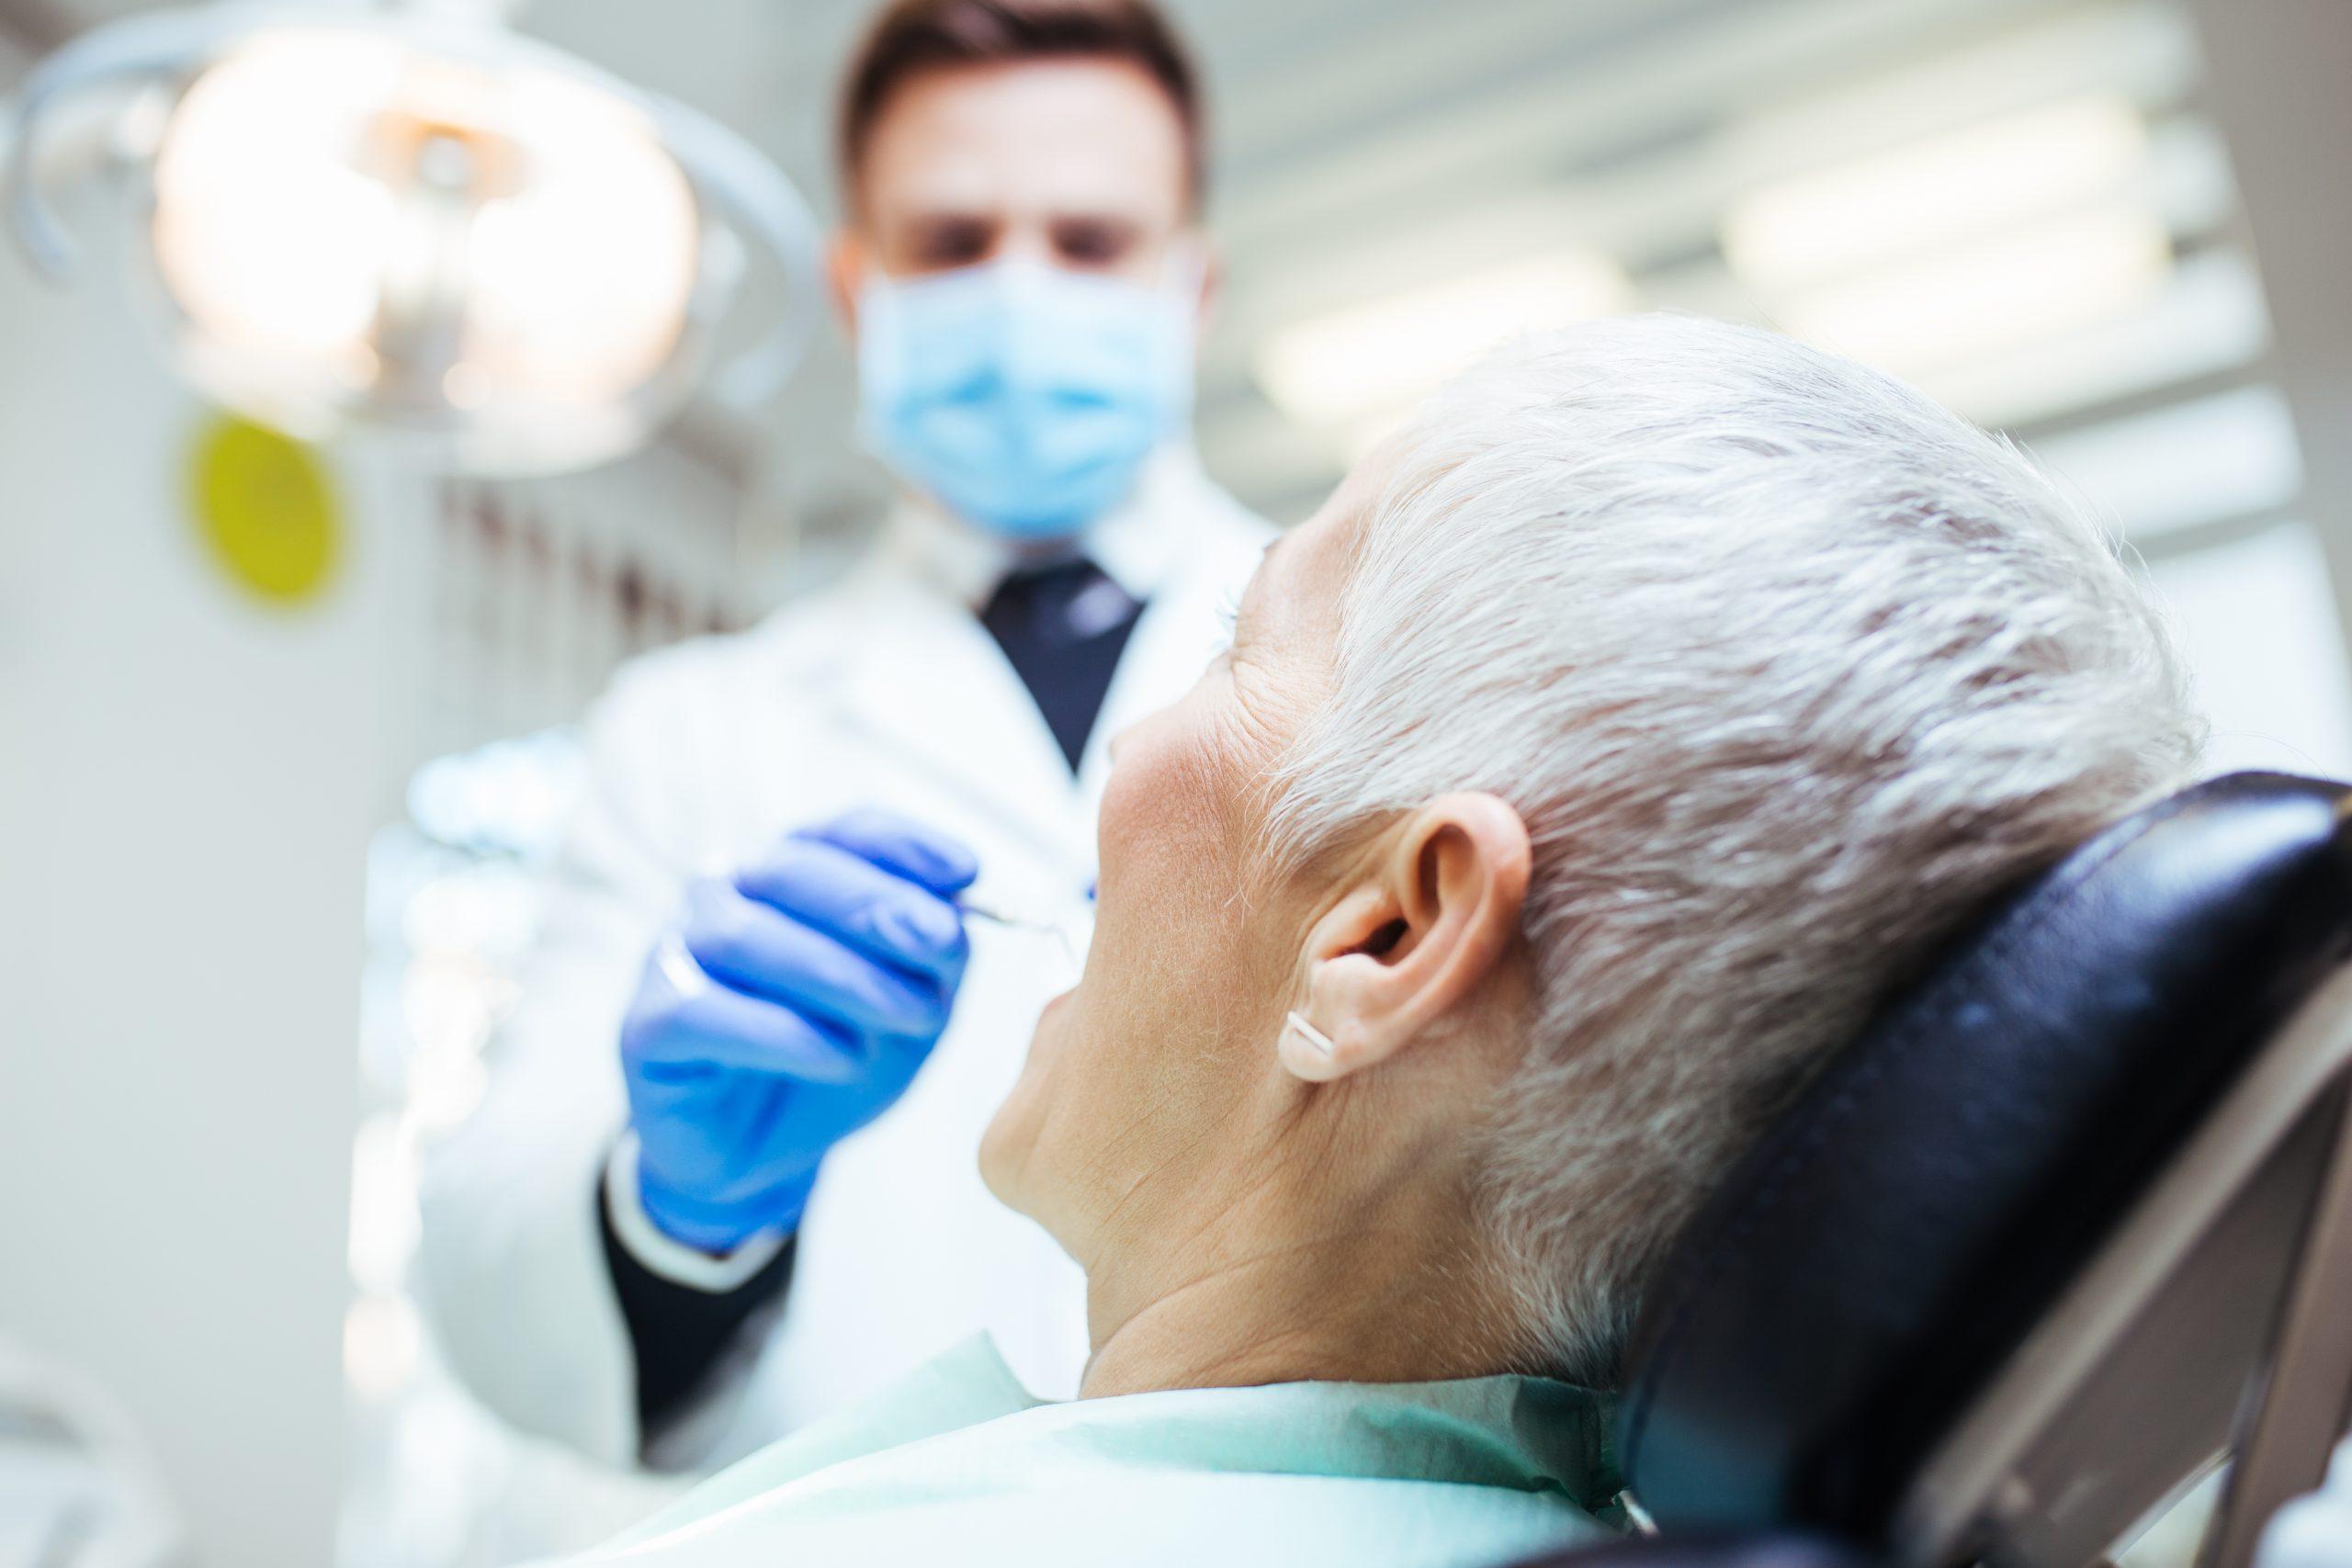 Infiammazioni del cavo orale e antinfiammatori: cosa sapere